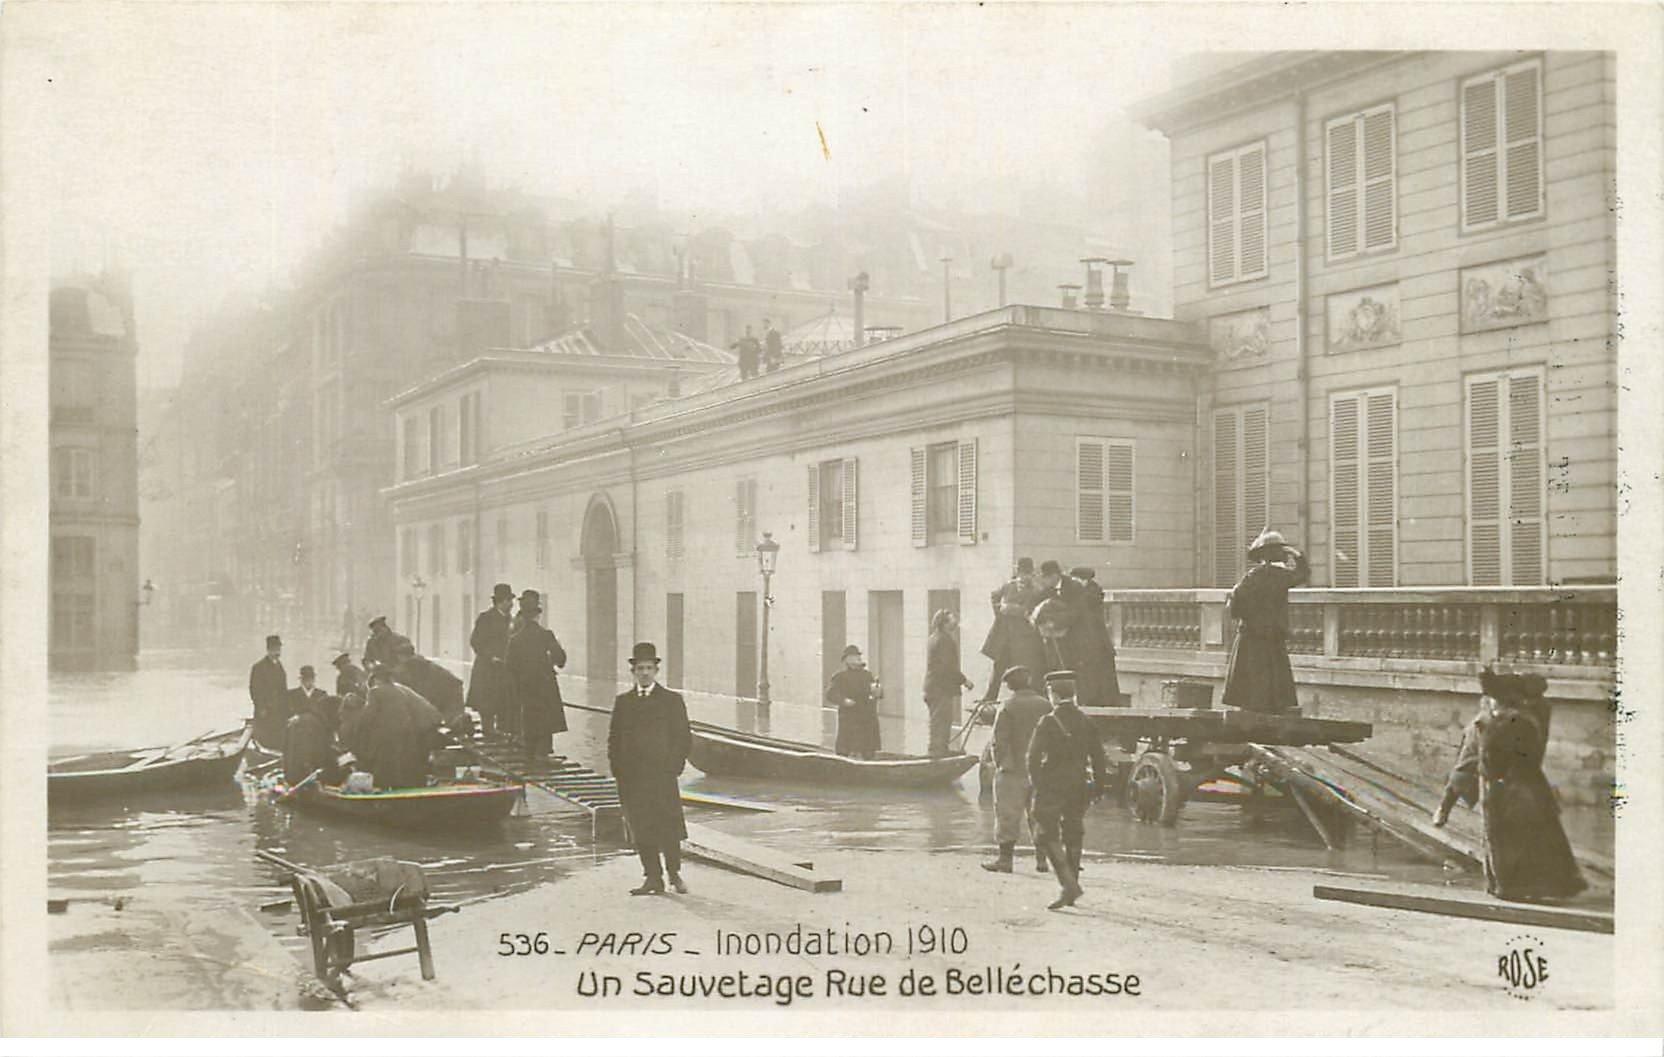 carte postale ancienne INONDATION ET CRUE DE PARIS 1910. Sauvetage Rue de Bellechasse . Manufacture à Valence